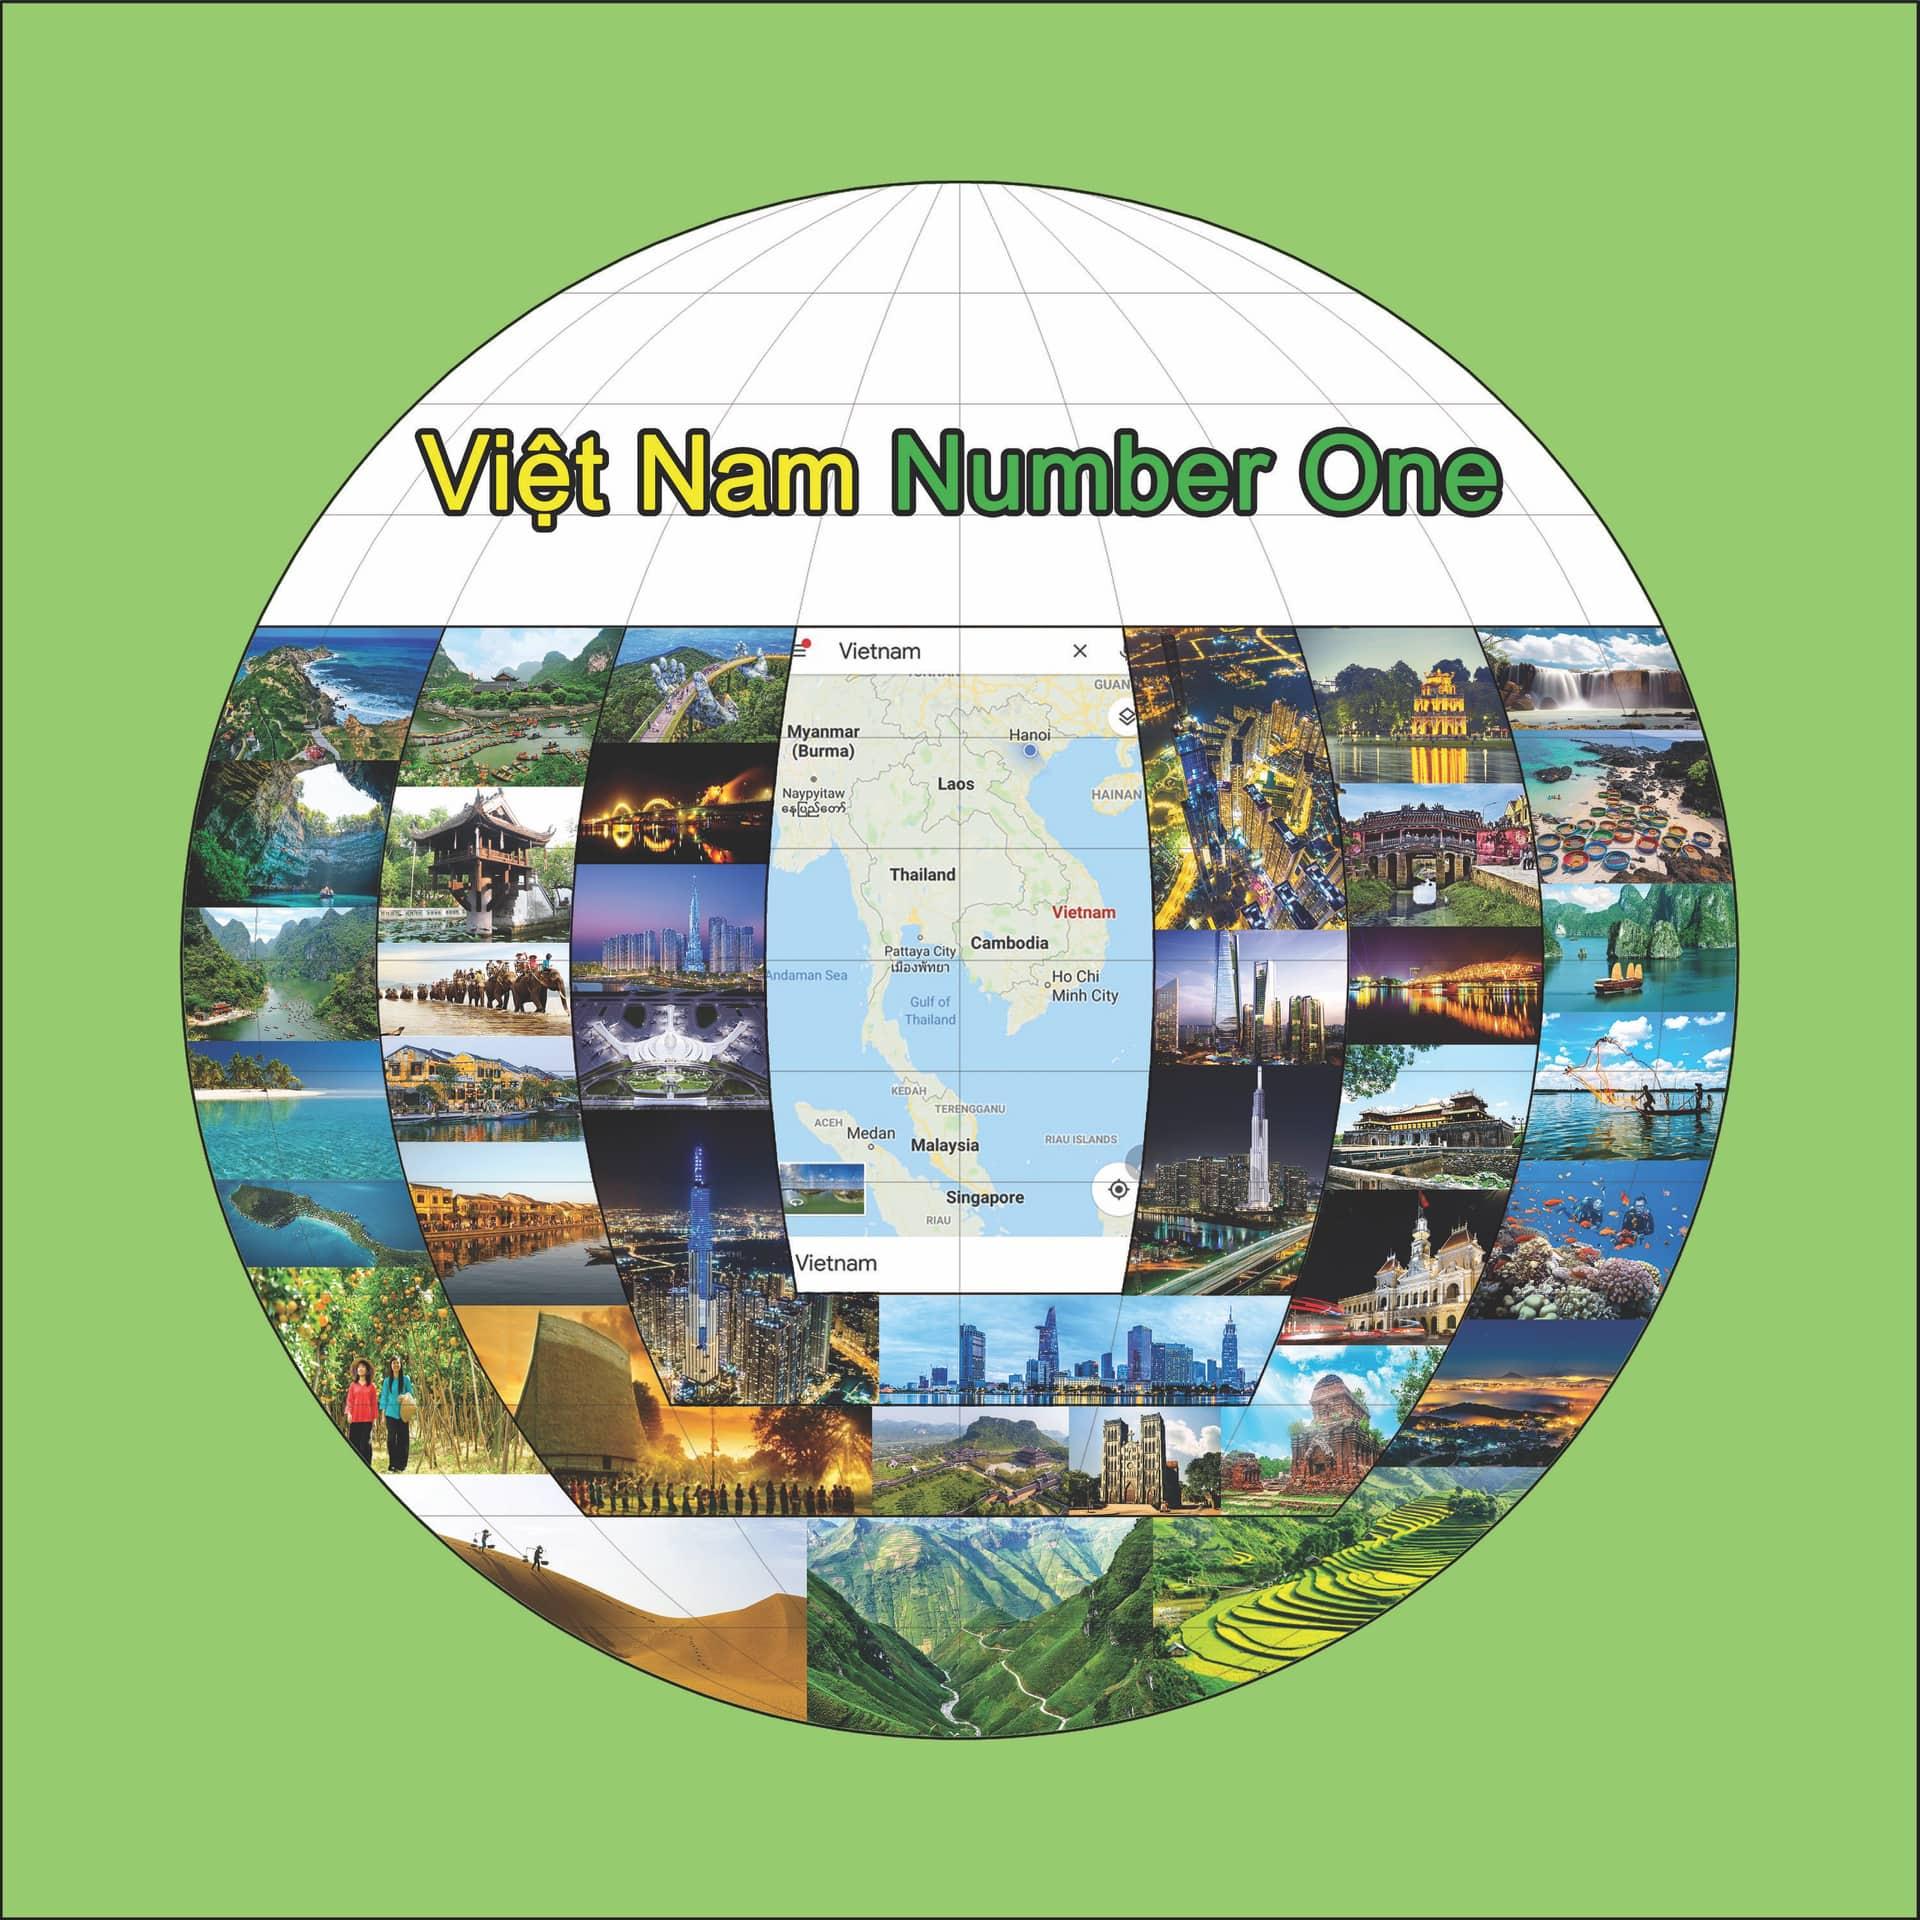 Mừng sinh nhật thương hiệu Tuấn 123 tròn 5 tuổi và ra mắt thương hiệu Du lịch lữ hành quốc tế Việt Nam Number One.